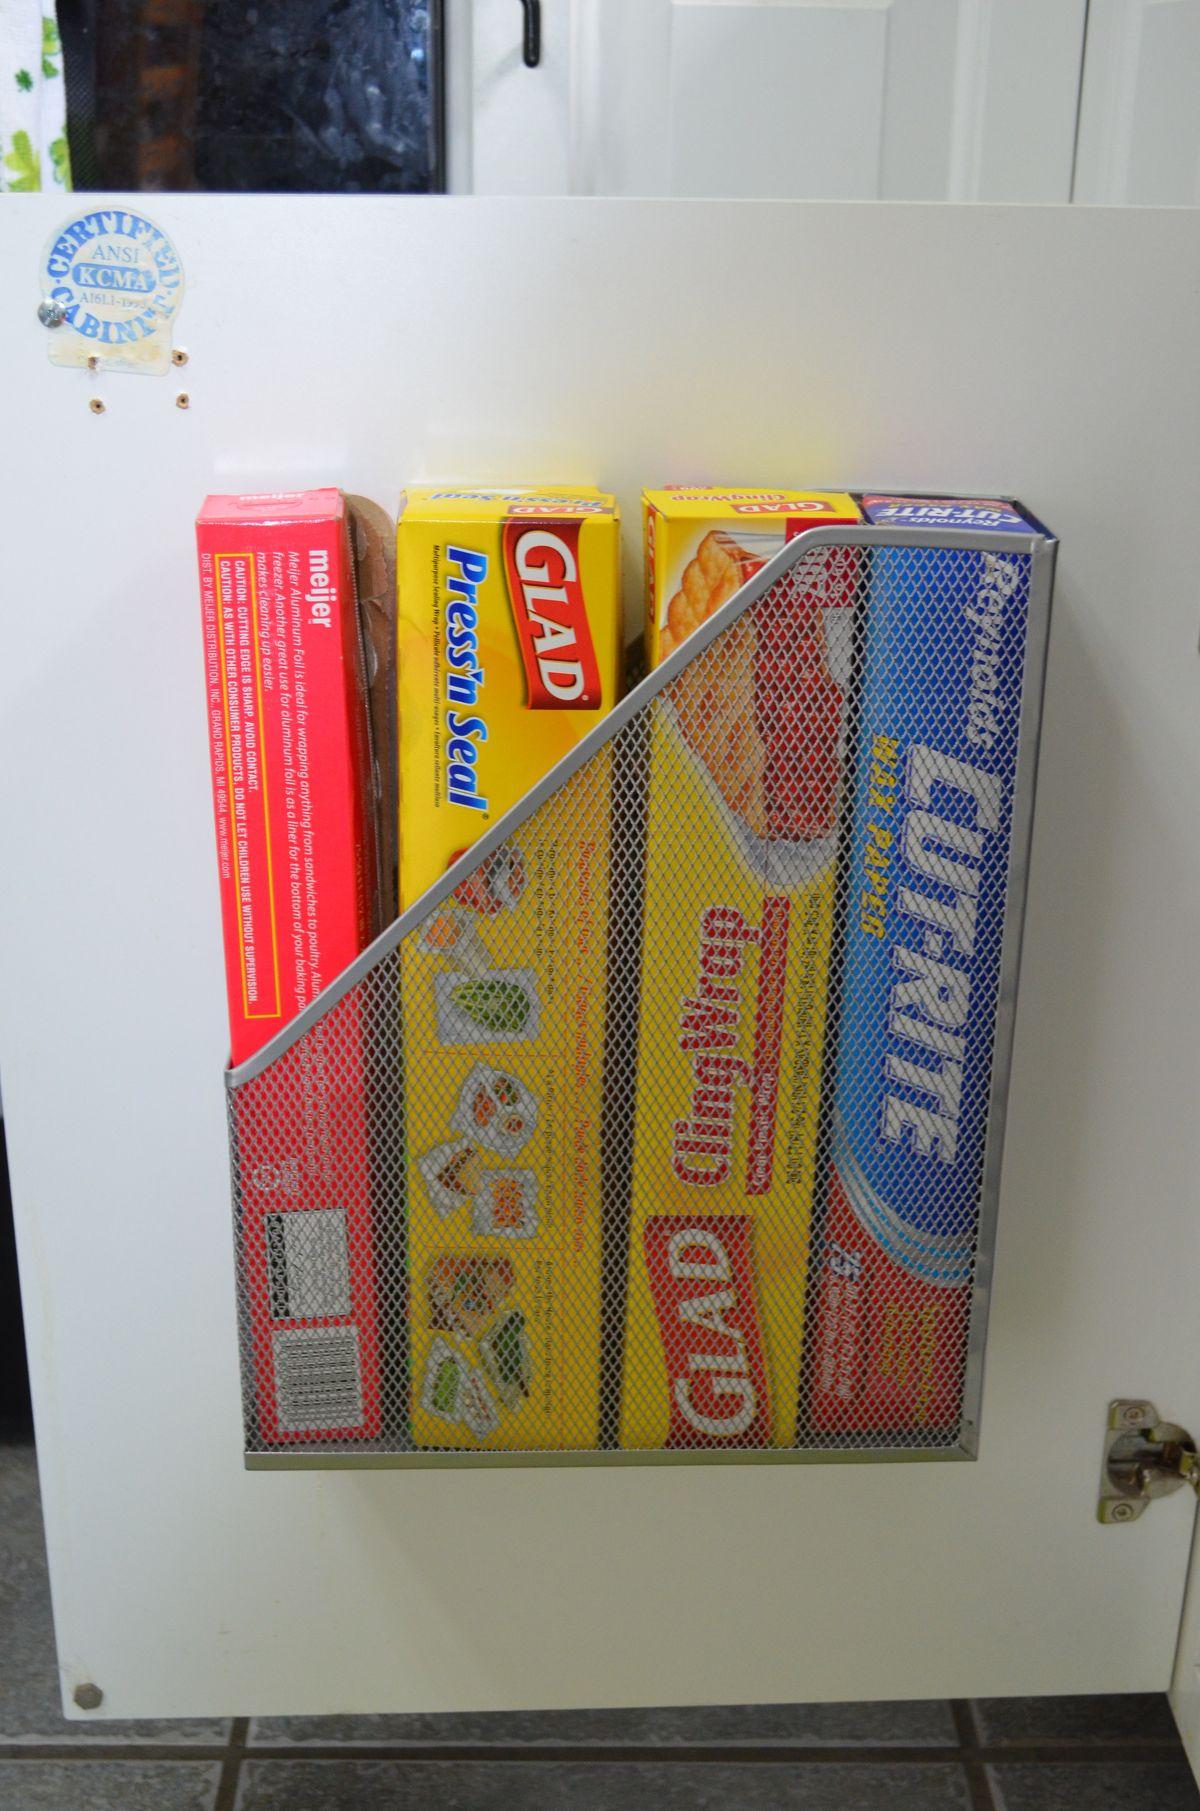 9 mẹo tận dụng cánh cửa tủ bếp lưu trữ đồ đạc tiện ích (3)